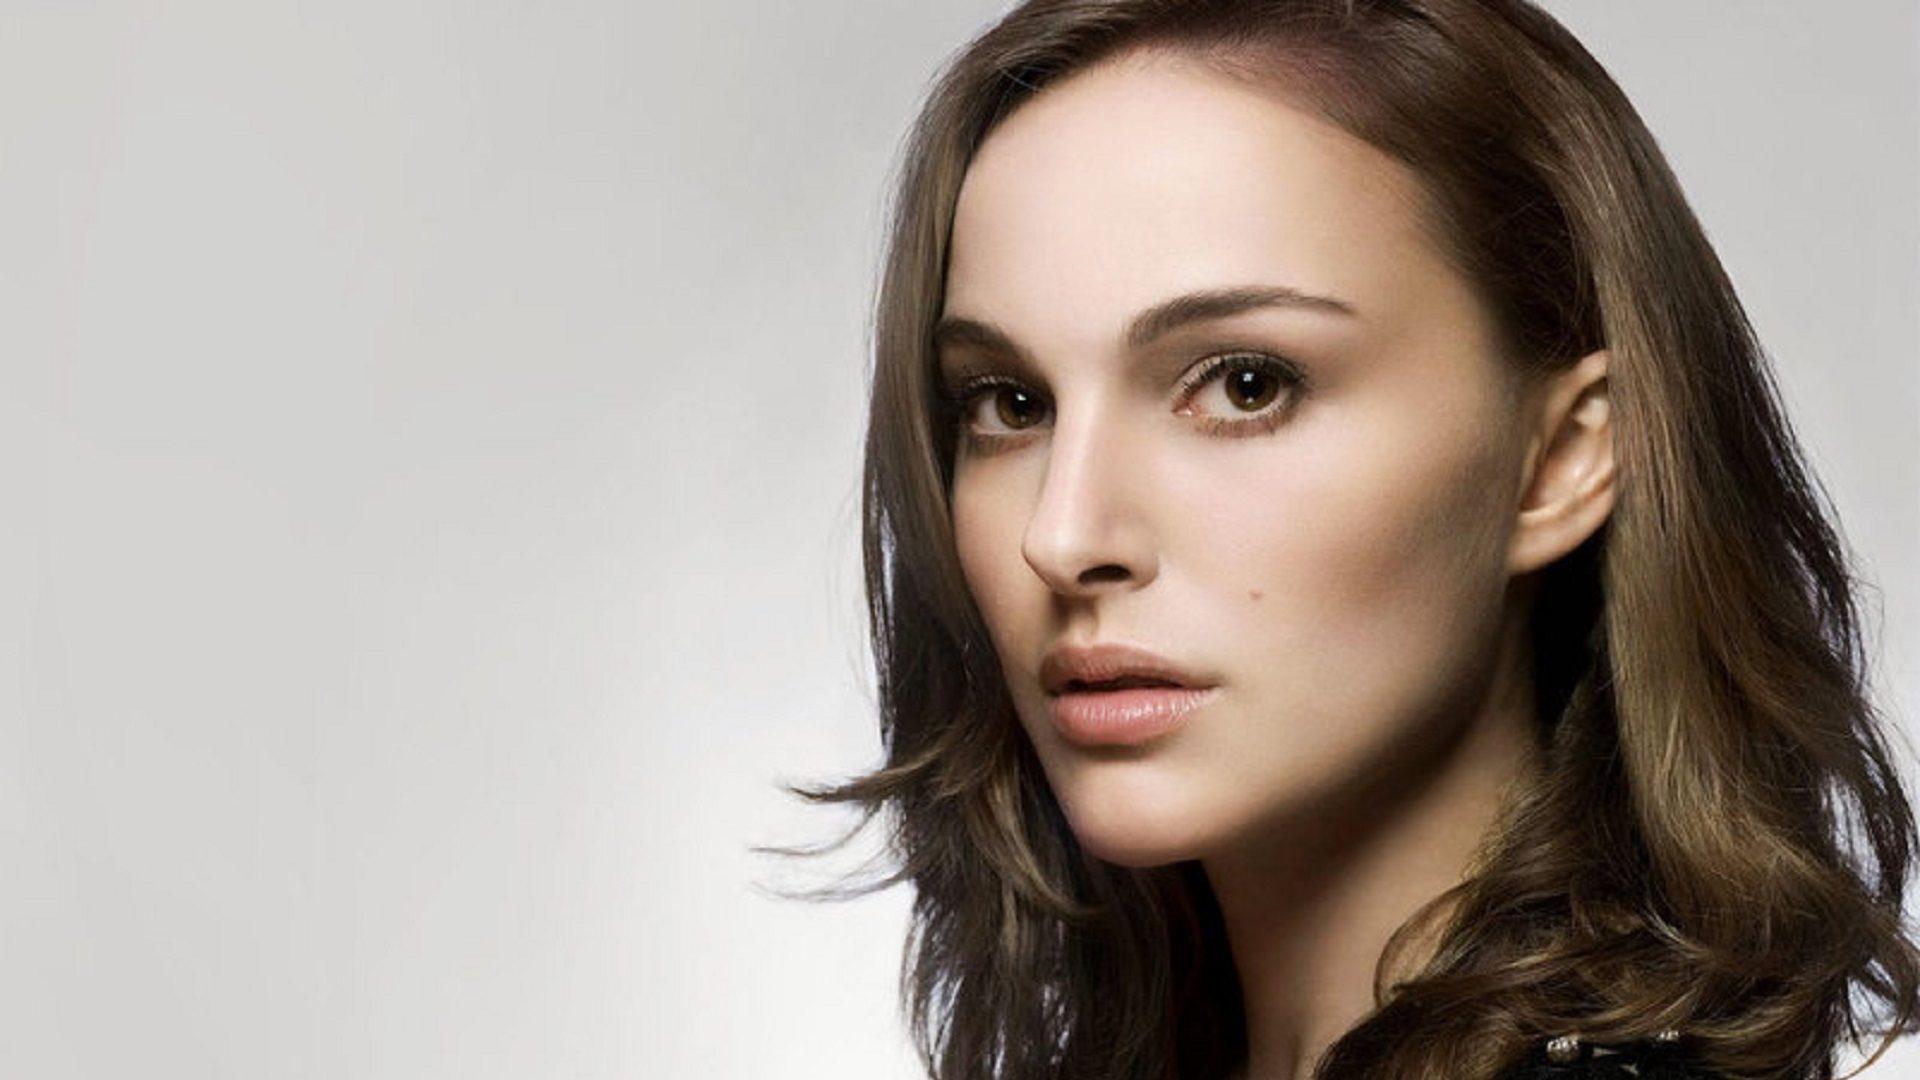 Las mujeres más bellas según la ciencia